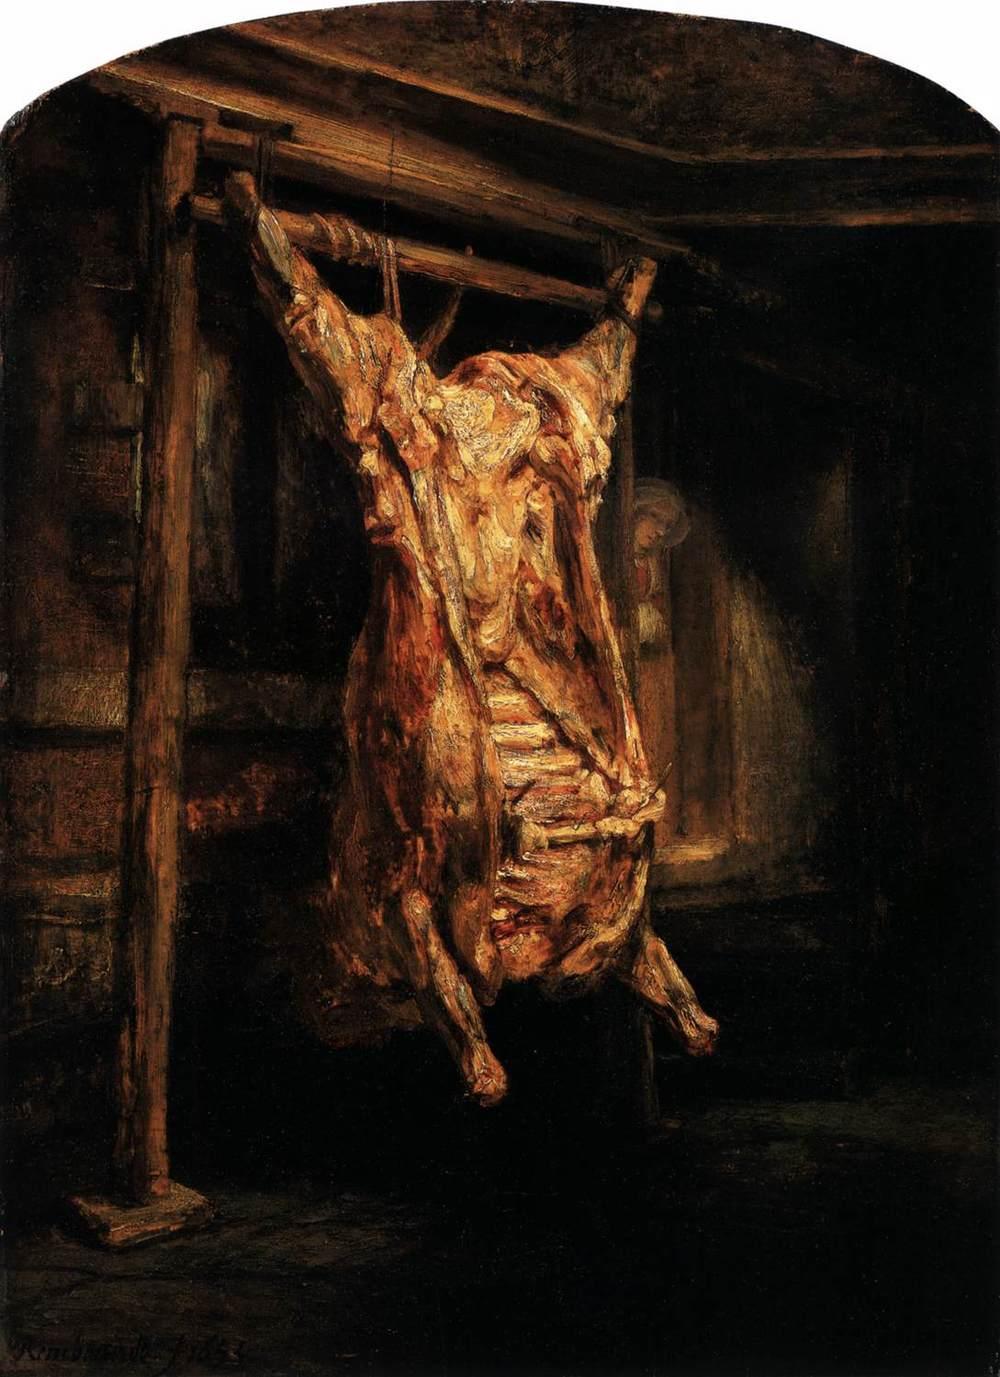 Rembrandt van Rijn, The Slaughtered Ox, 1655